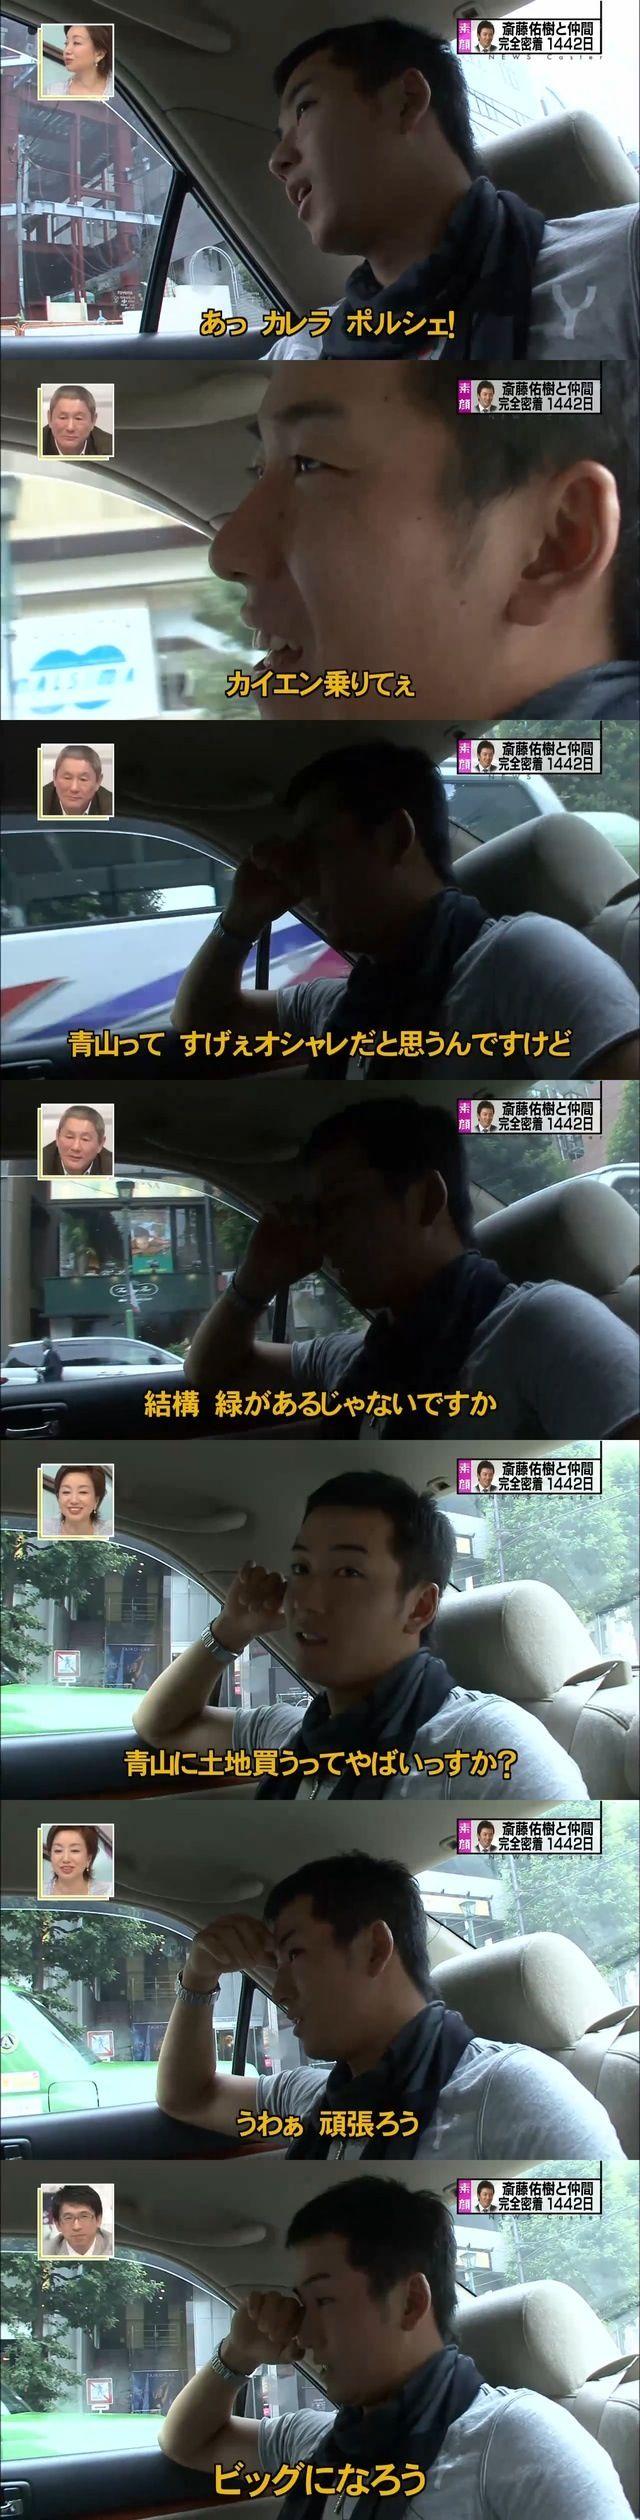 http://livedoor.blogimg.jp/saito234-affili4/imgs/e/2/e20877d1.jpg